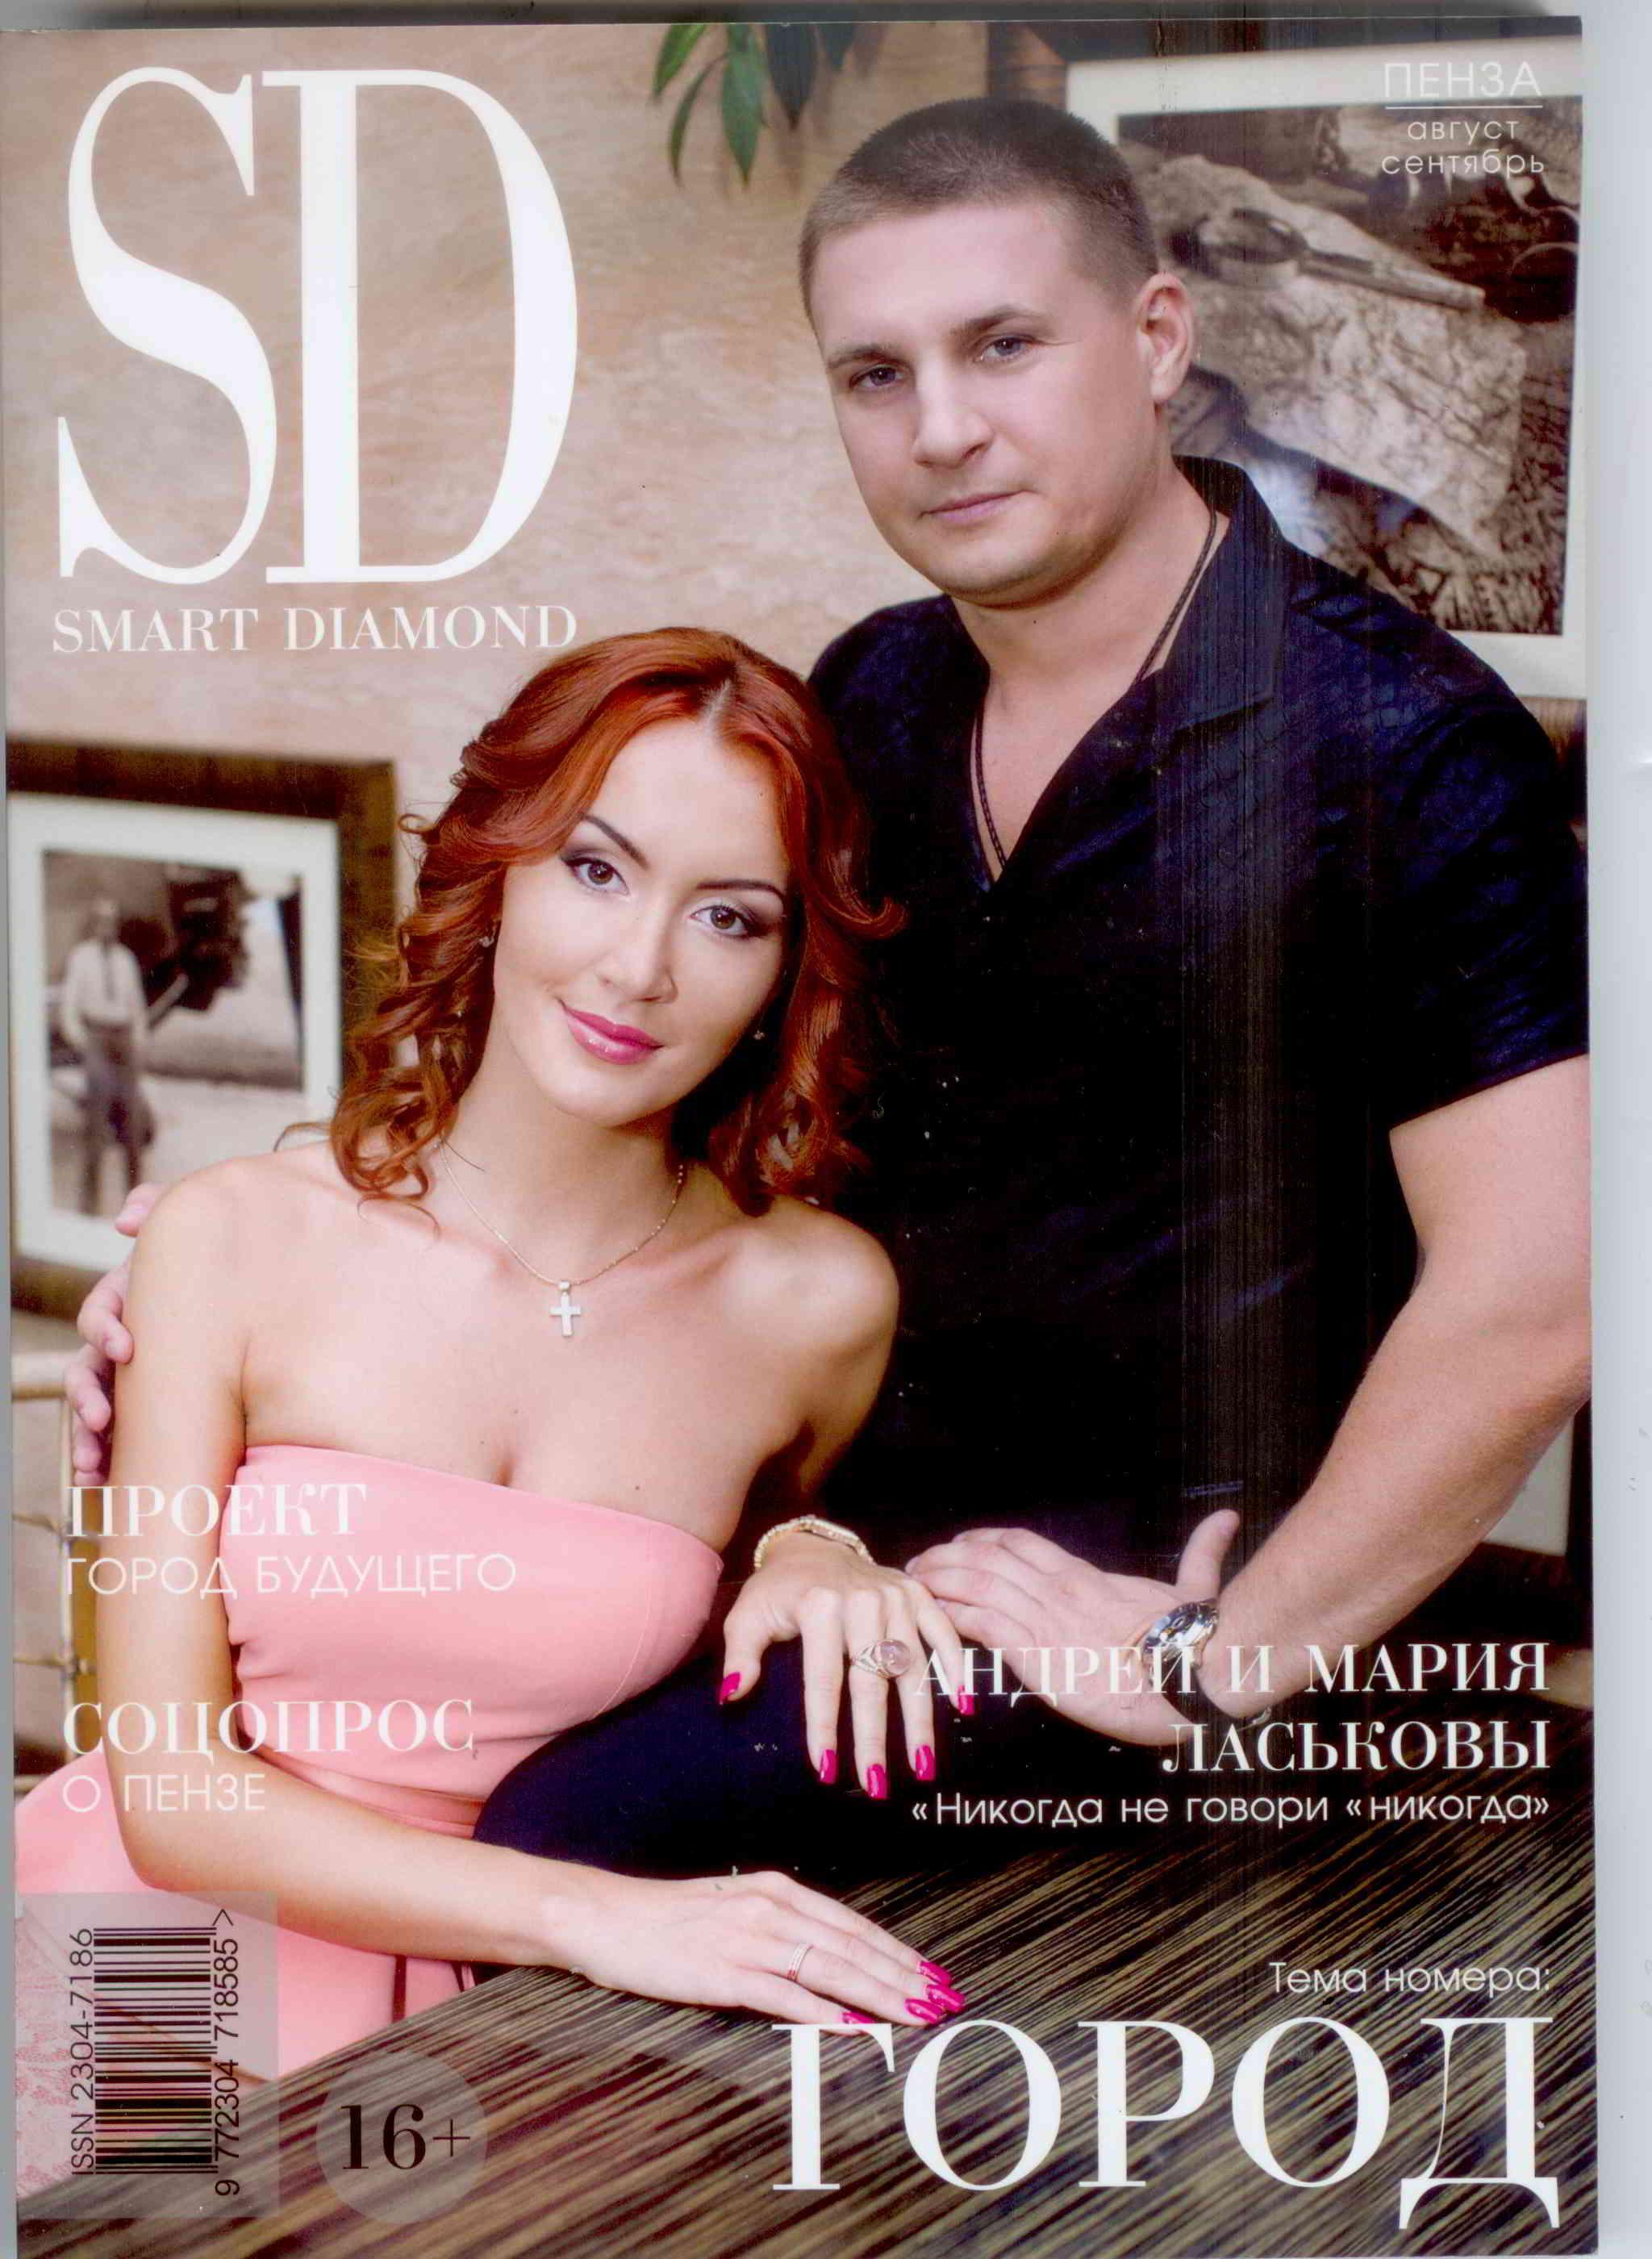 обложка журнала СД 001